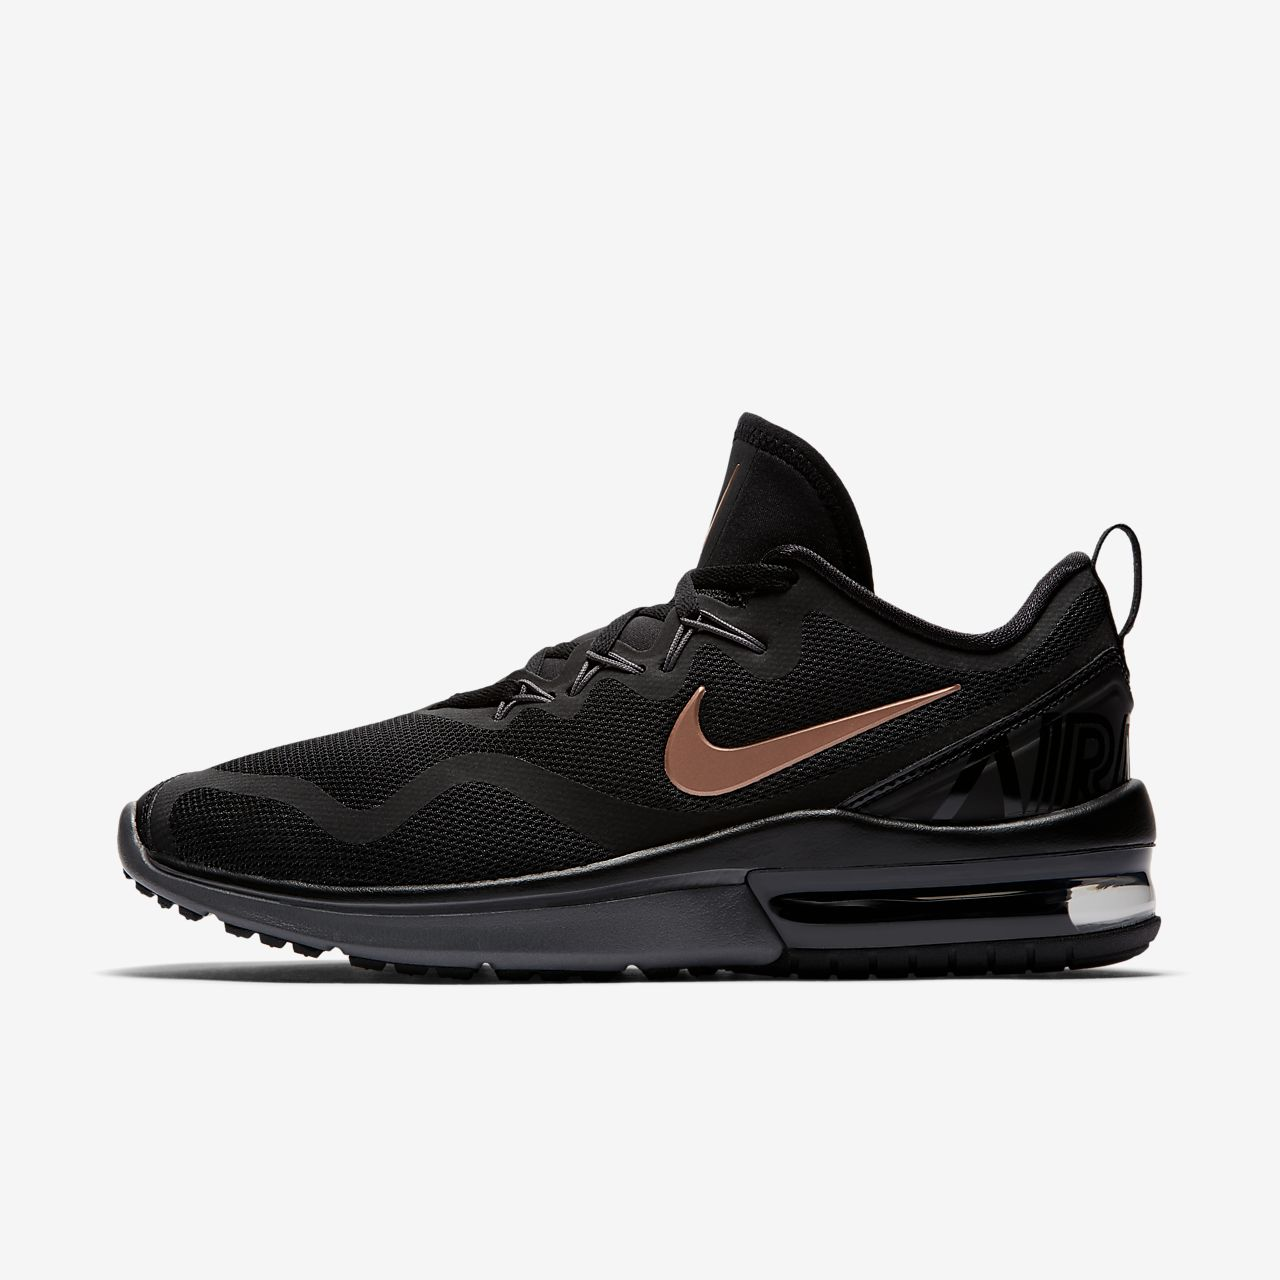 Nike Air Max Fury - Damen Schuhe White Größe 40 h5h7Qdg